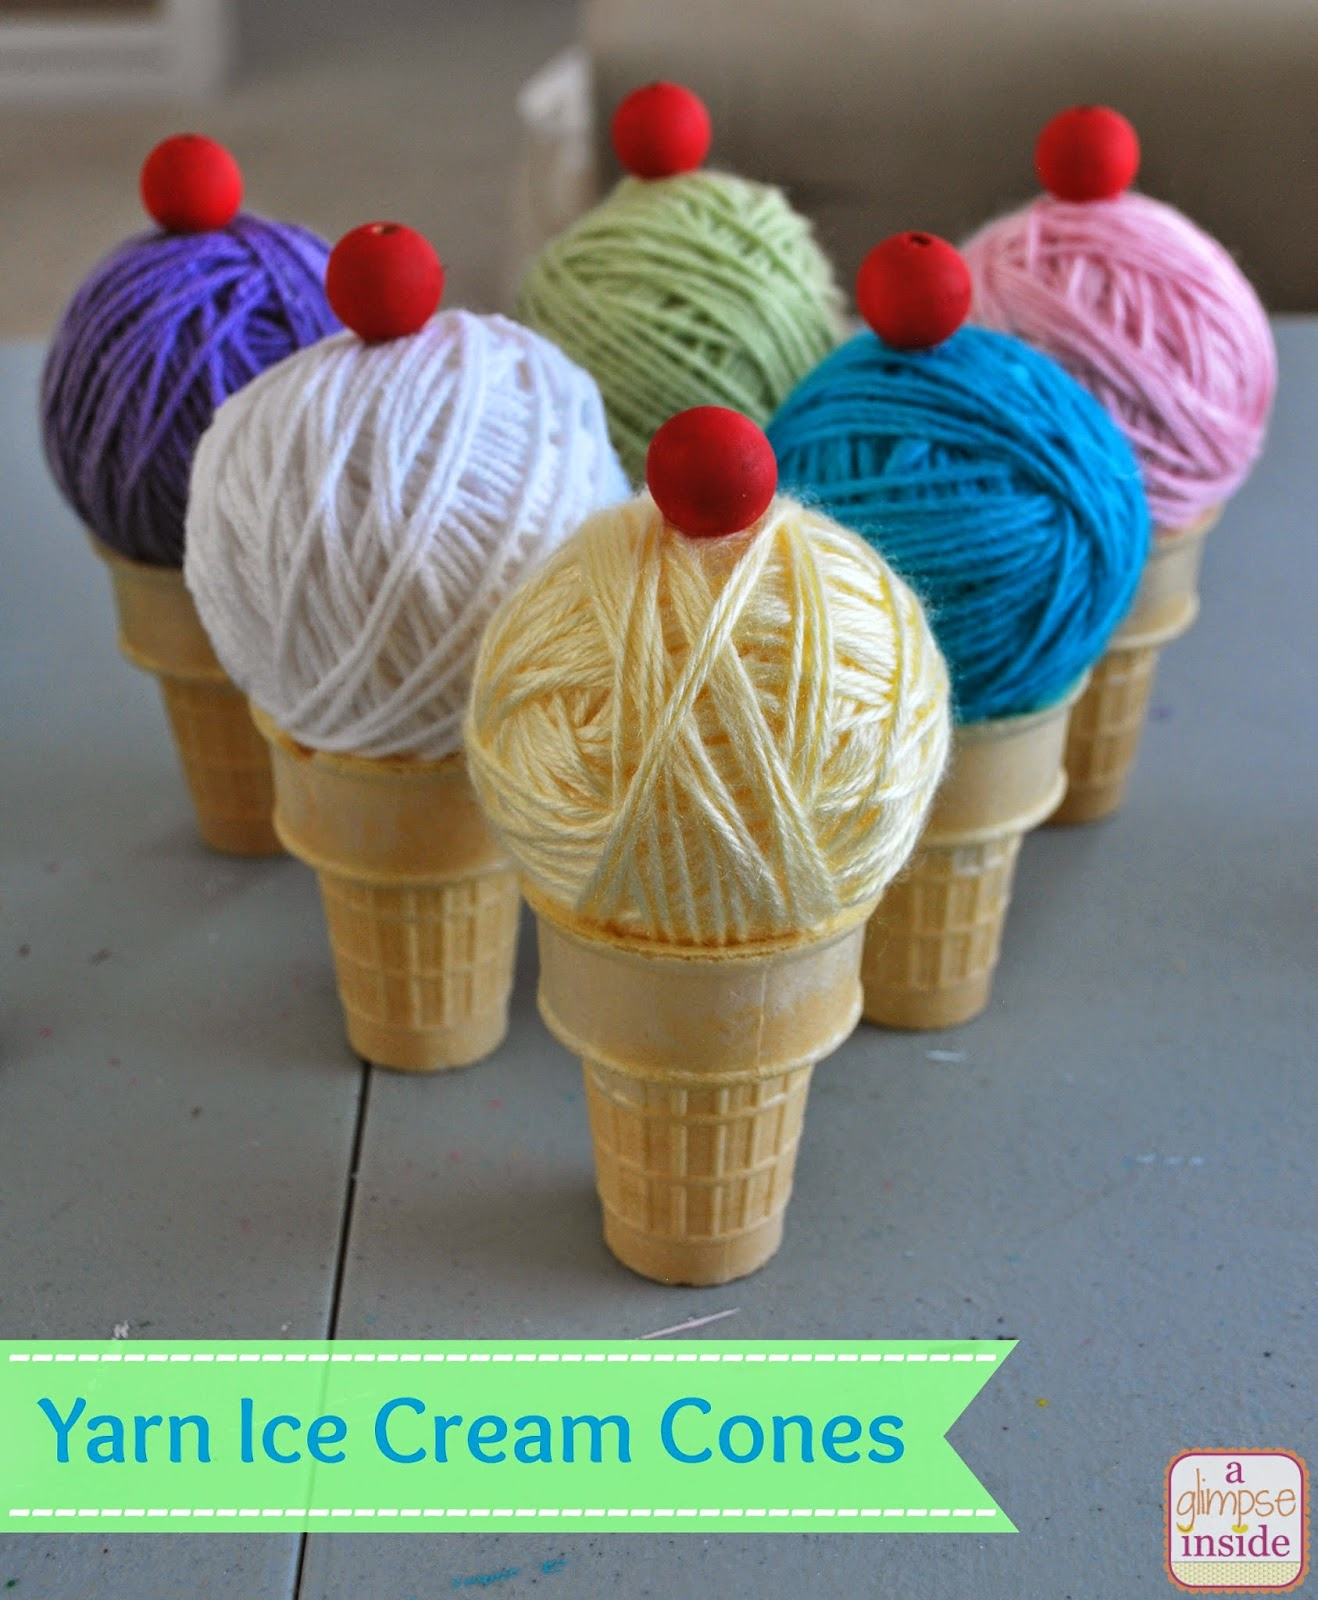 http://www.aglimpseinsideblog.com/2014/06/yarn-ice-cream-cones.html